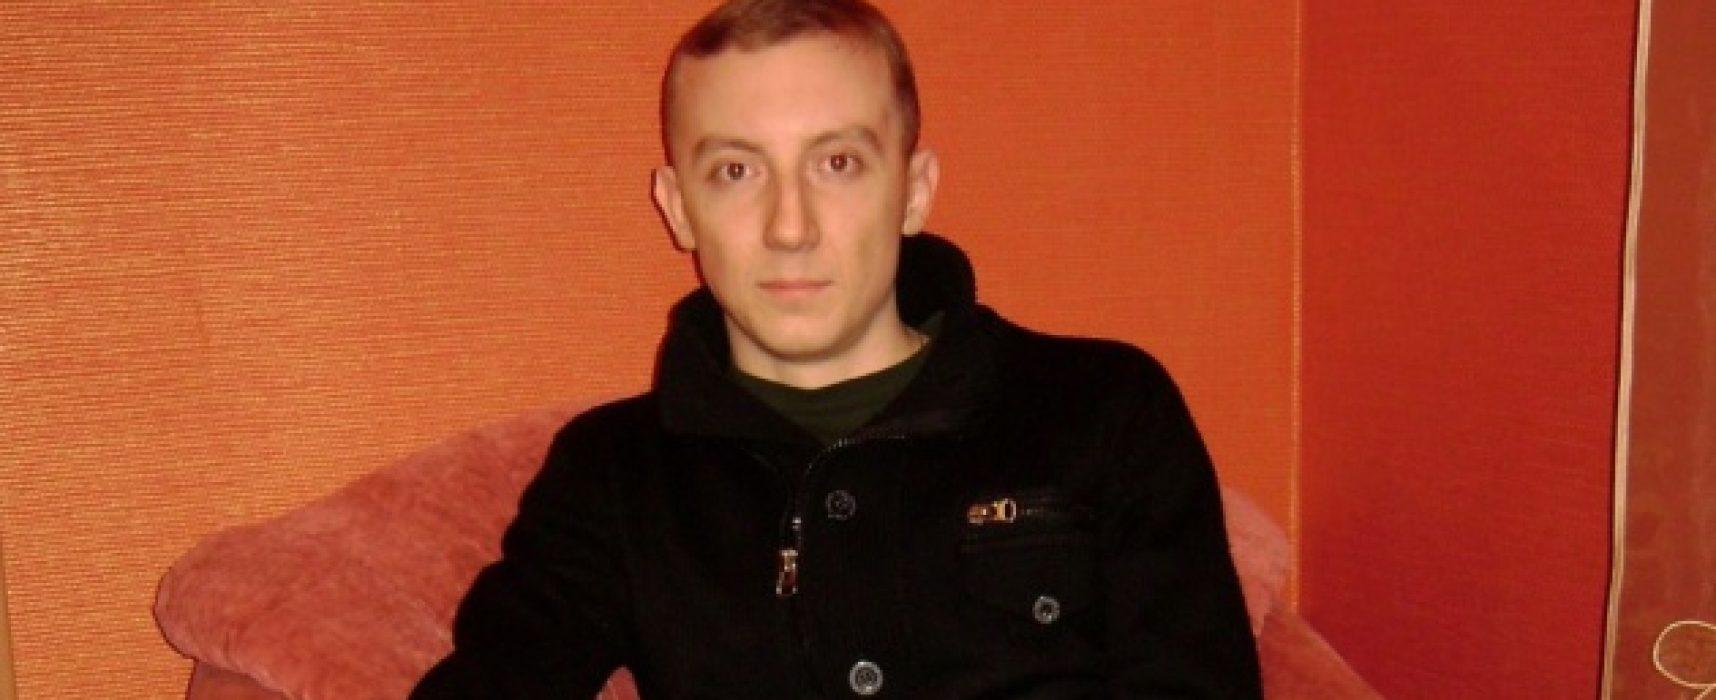 La UE pide la liberación inmediata del periodista Aseyev